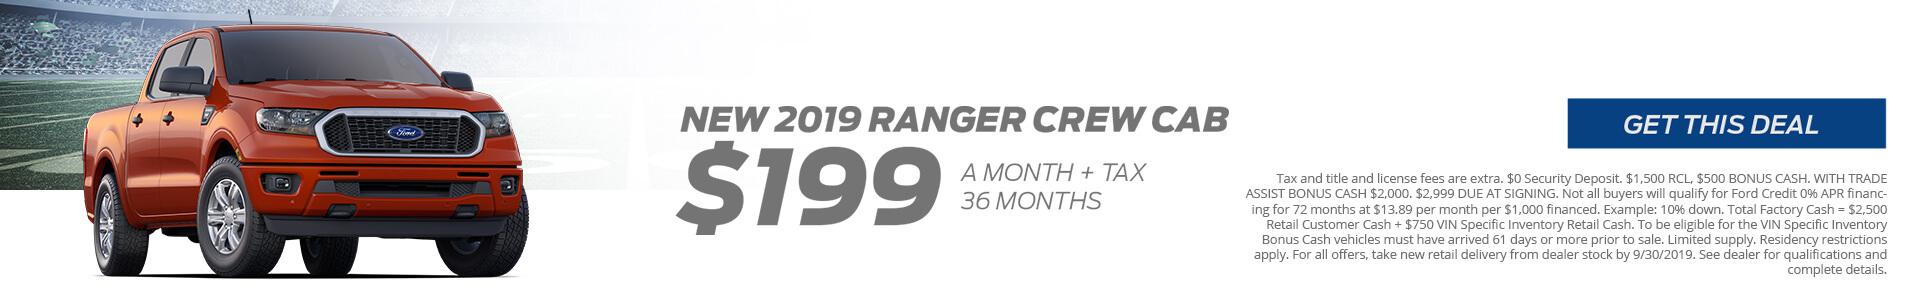 Ranger $199 Lease